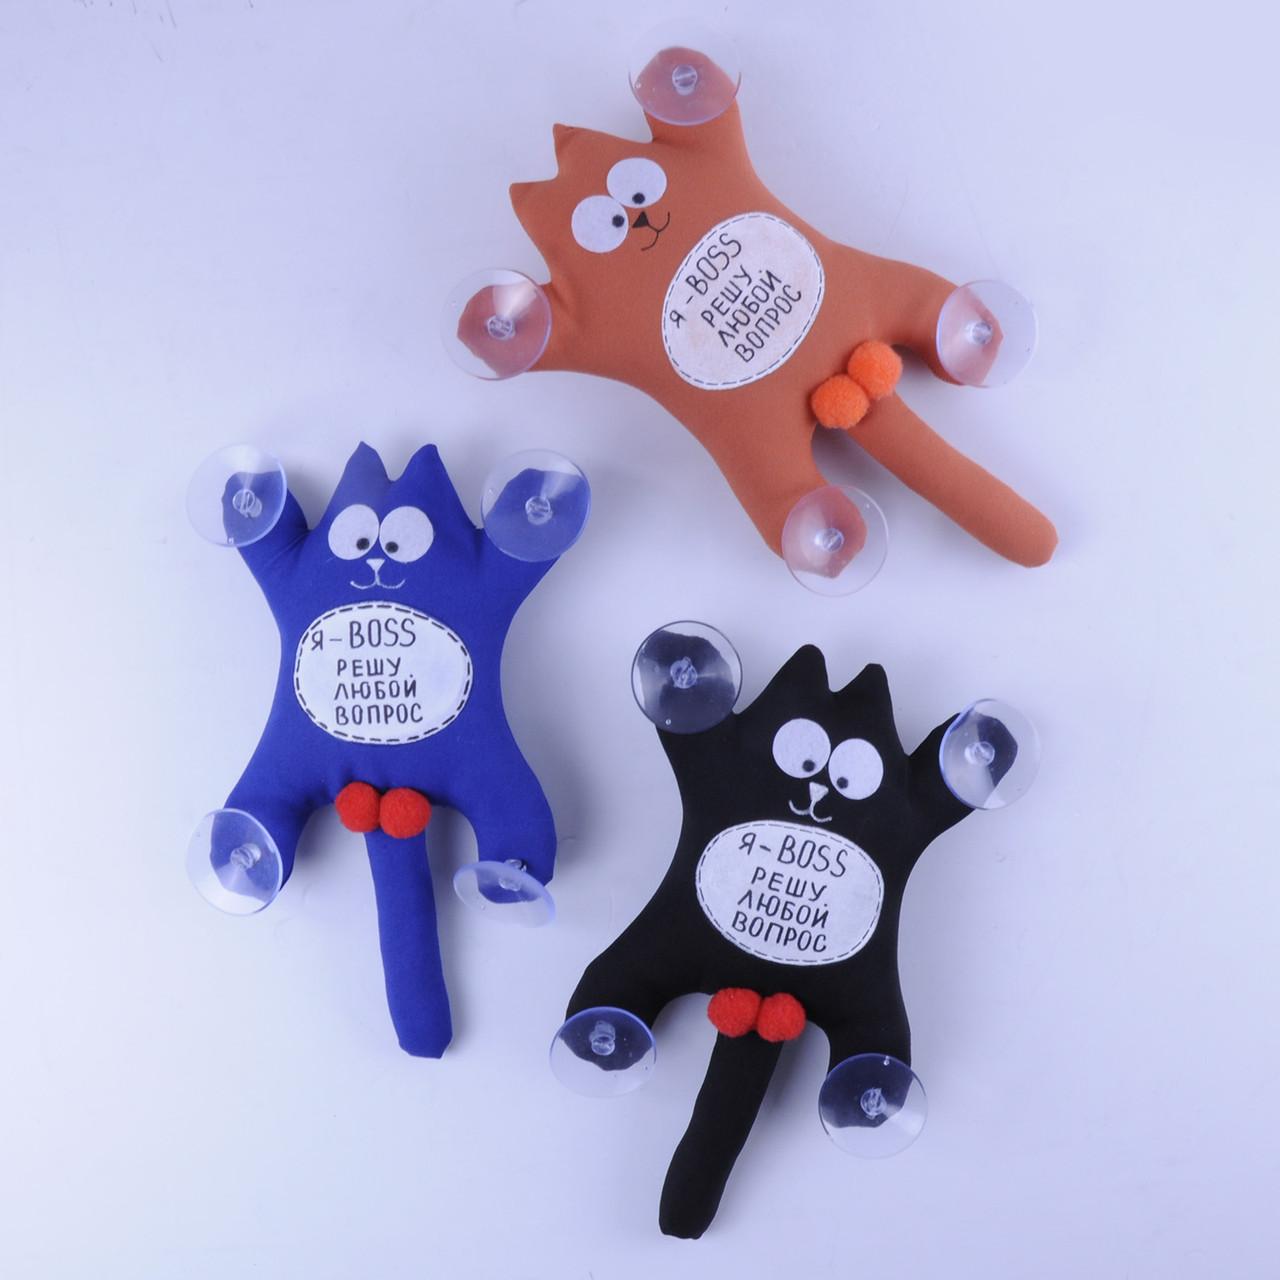 М'яка іграшка Кіт Саймон з лого Я-BOSS,вирішу будь-яке питання..... ручна робота